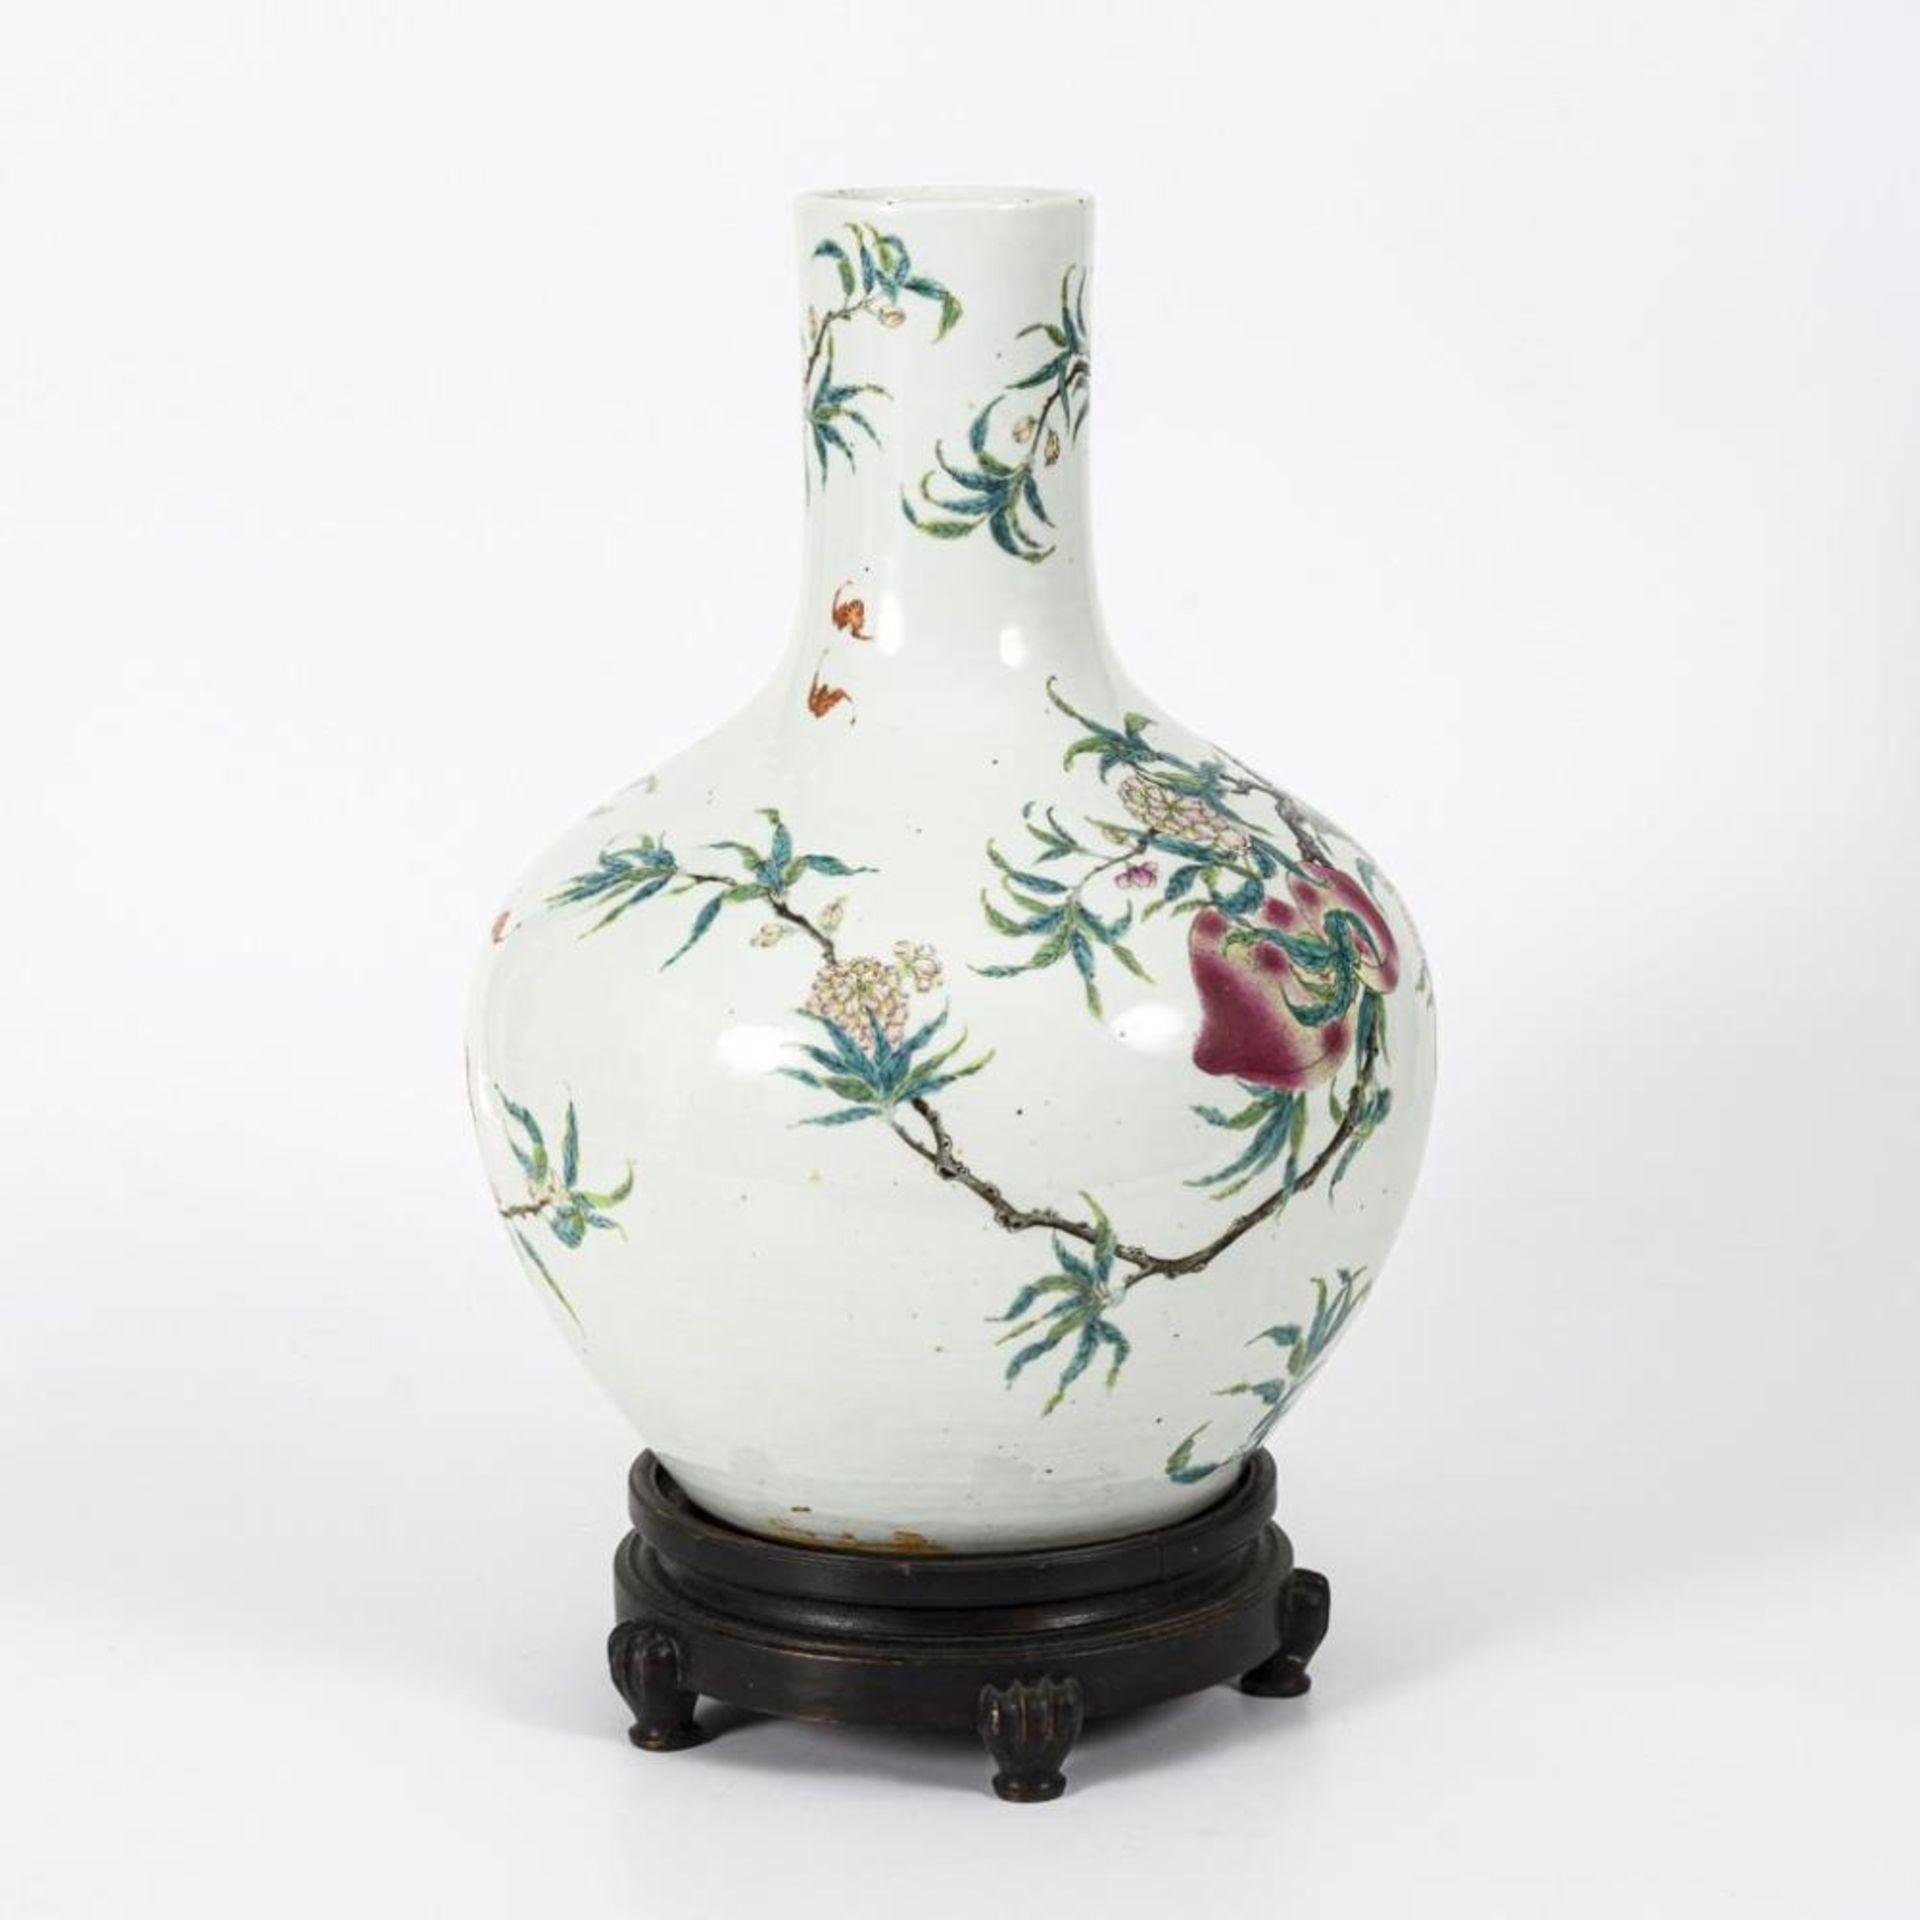 Große, museale Vase mit Pfirsichen und Pfirsichblüten - Image 3 of 10